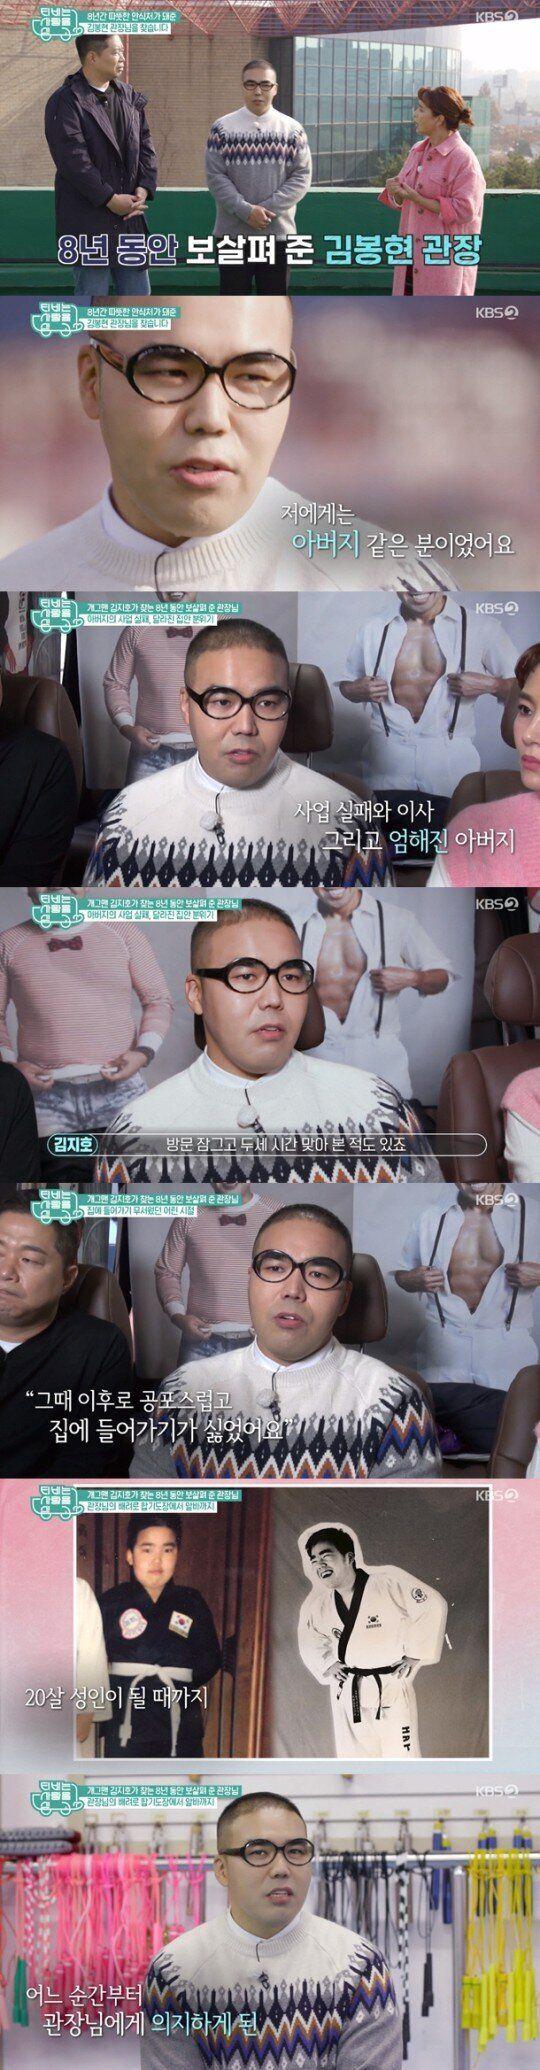 김지호가 'TV는 사랑을 싣고'에서 가정폭력 피해 경험에 대해 말하고